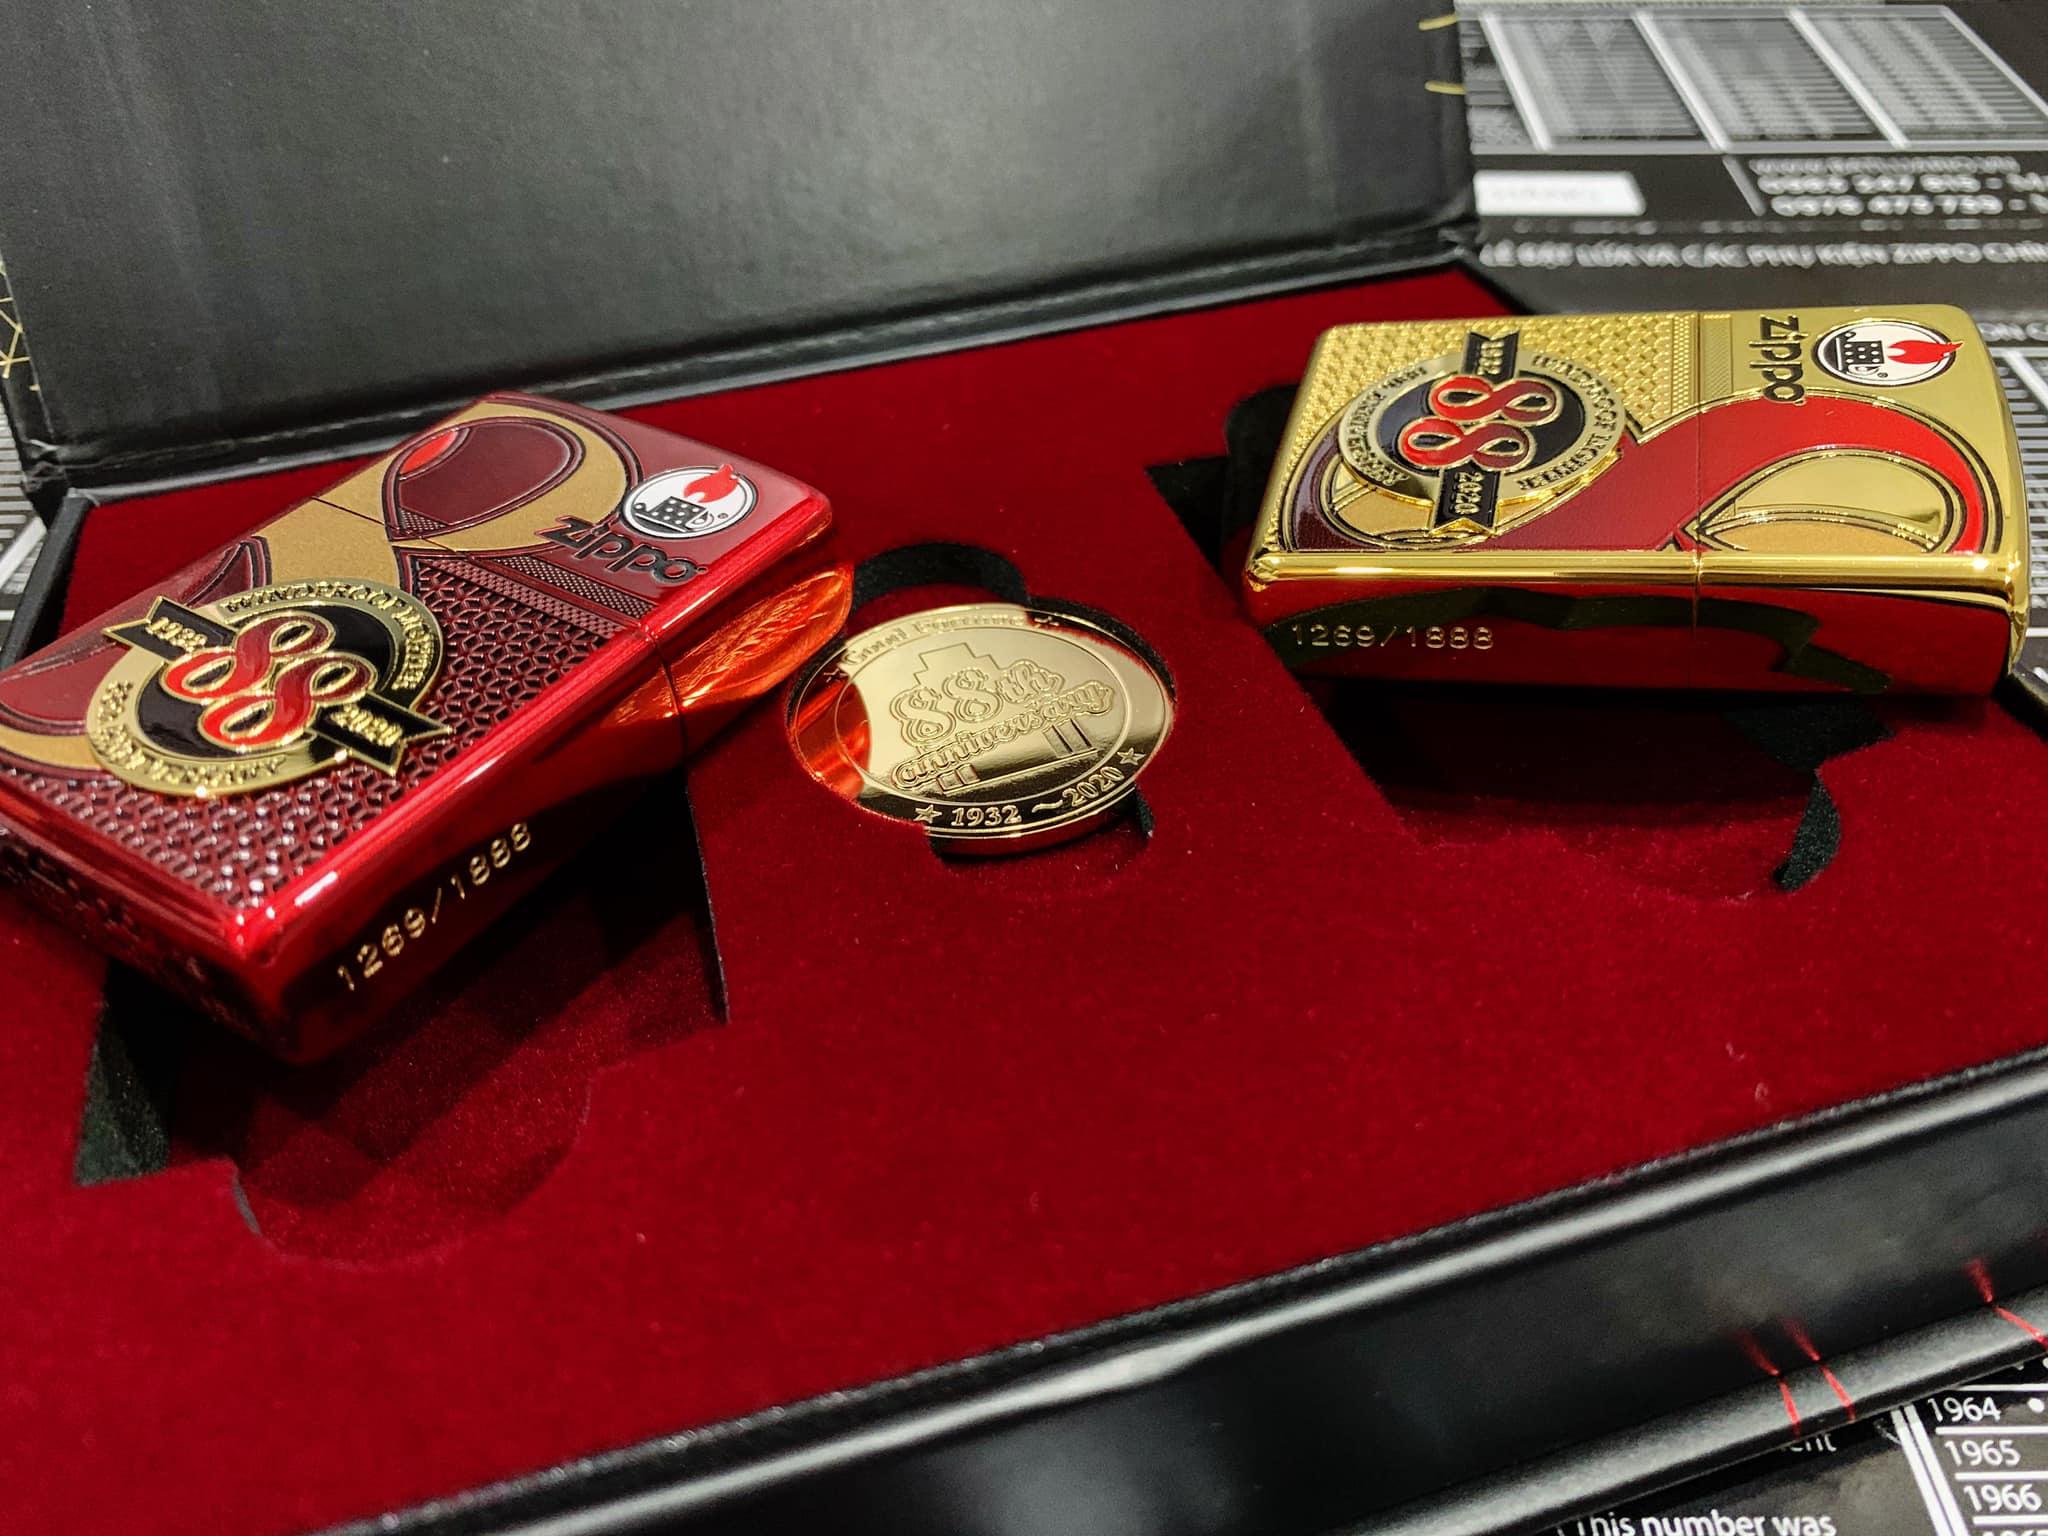 Zippo Edition Box Set 88Th Anniversary Asia Limited - Zippo Phiên Bản Giới Hạn Kỷ Niệm 88 Năm Ra Đời Bật Lửa Zippo - Zippo ZA-2-147C 17